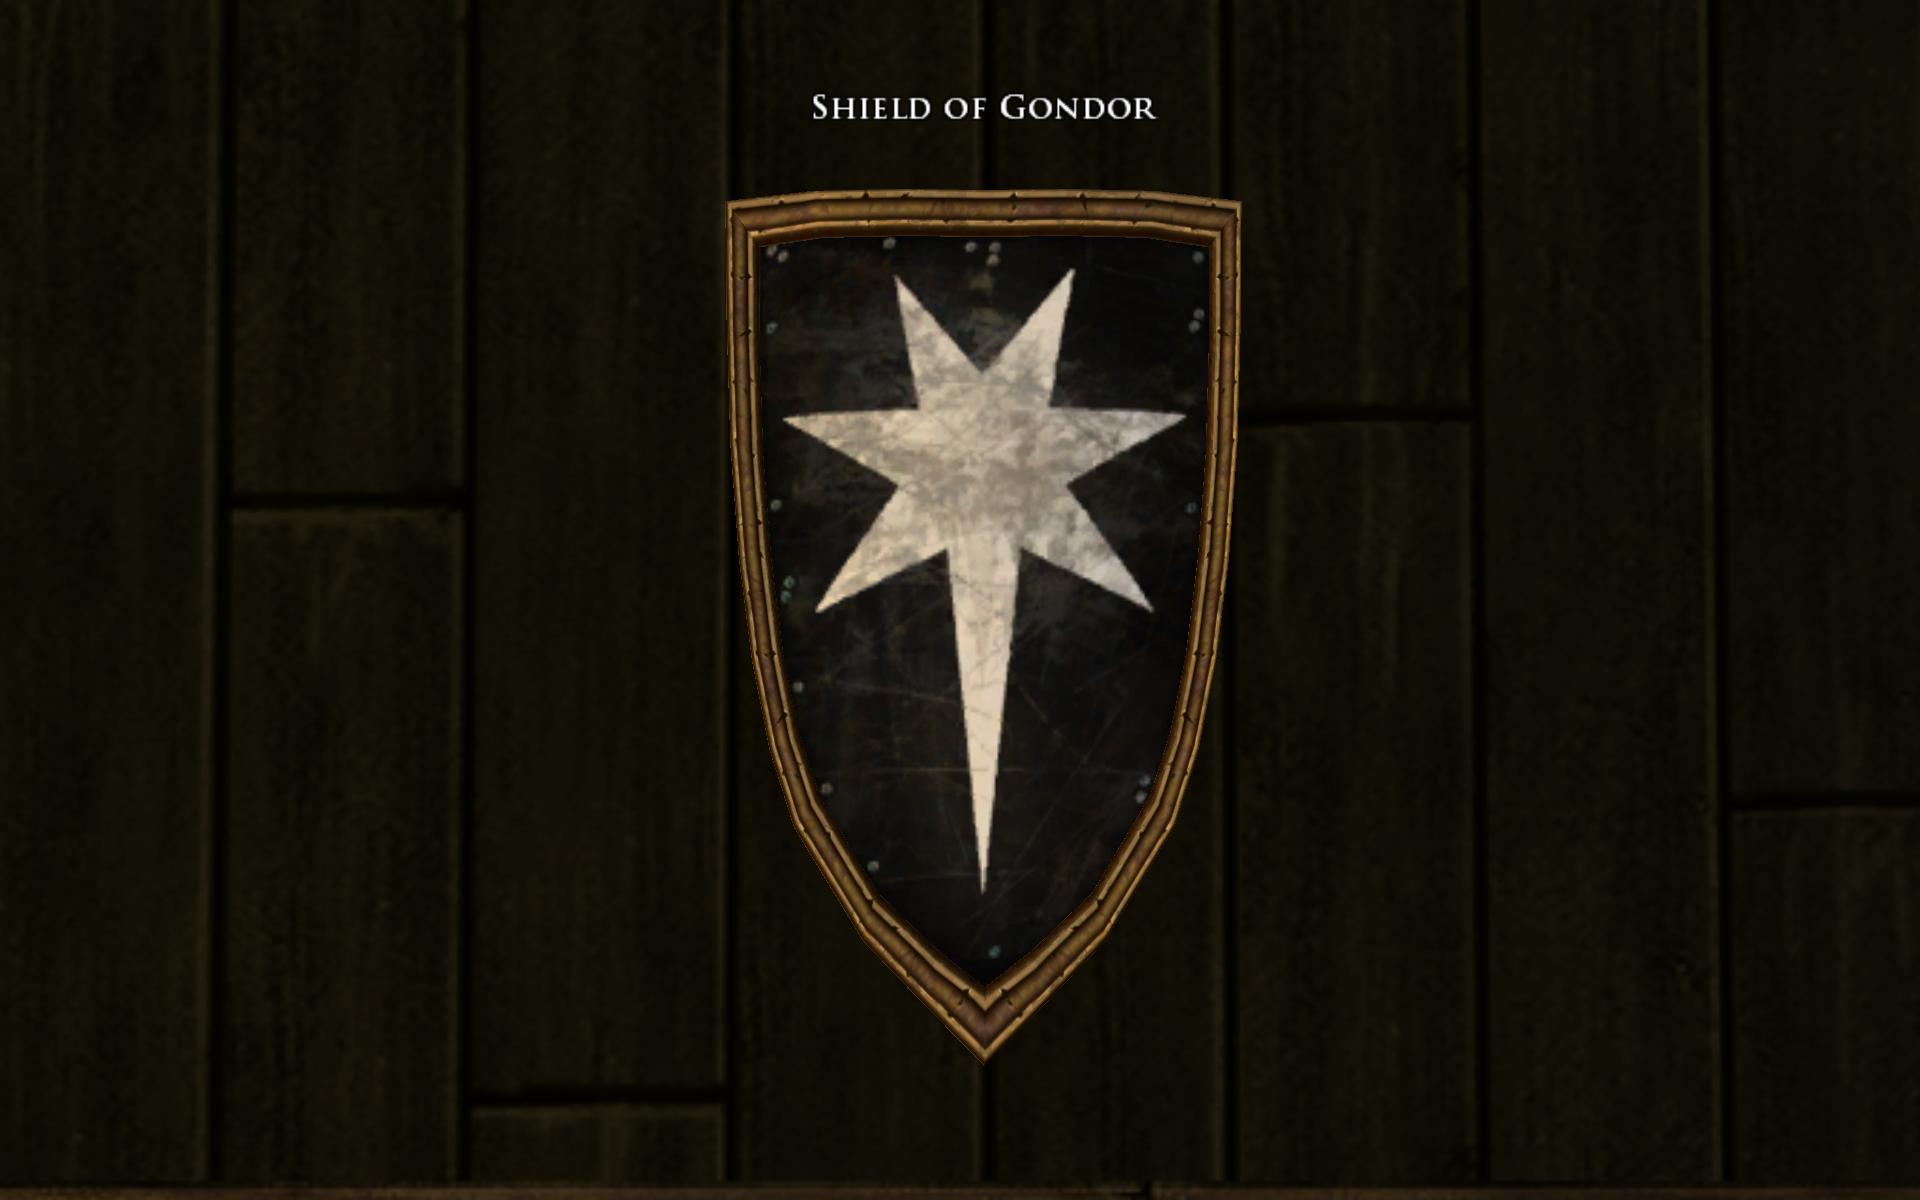 Gondor Shields